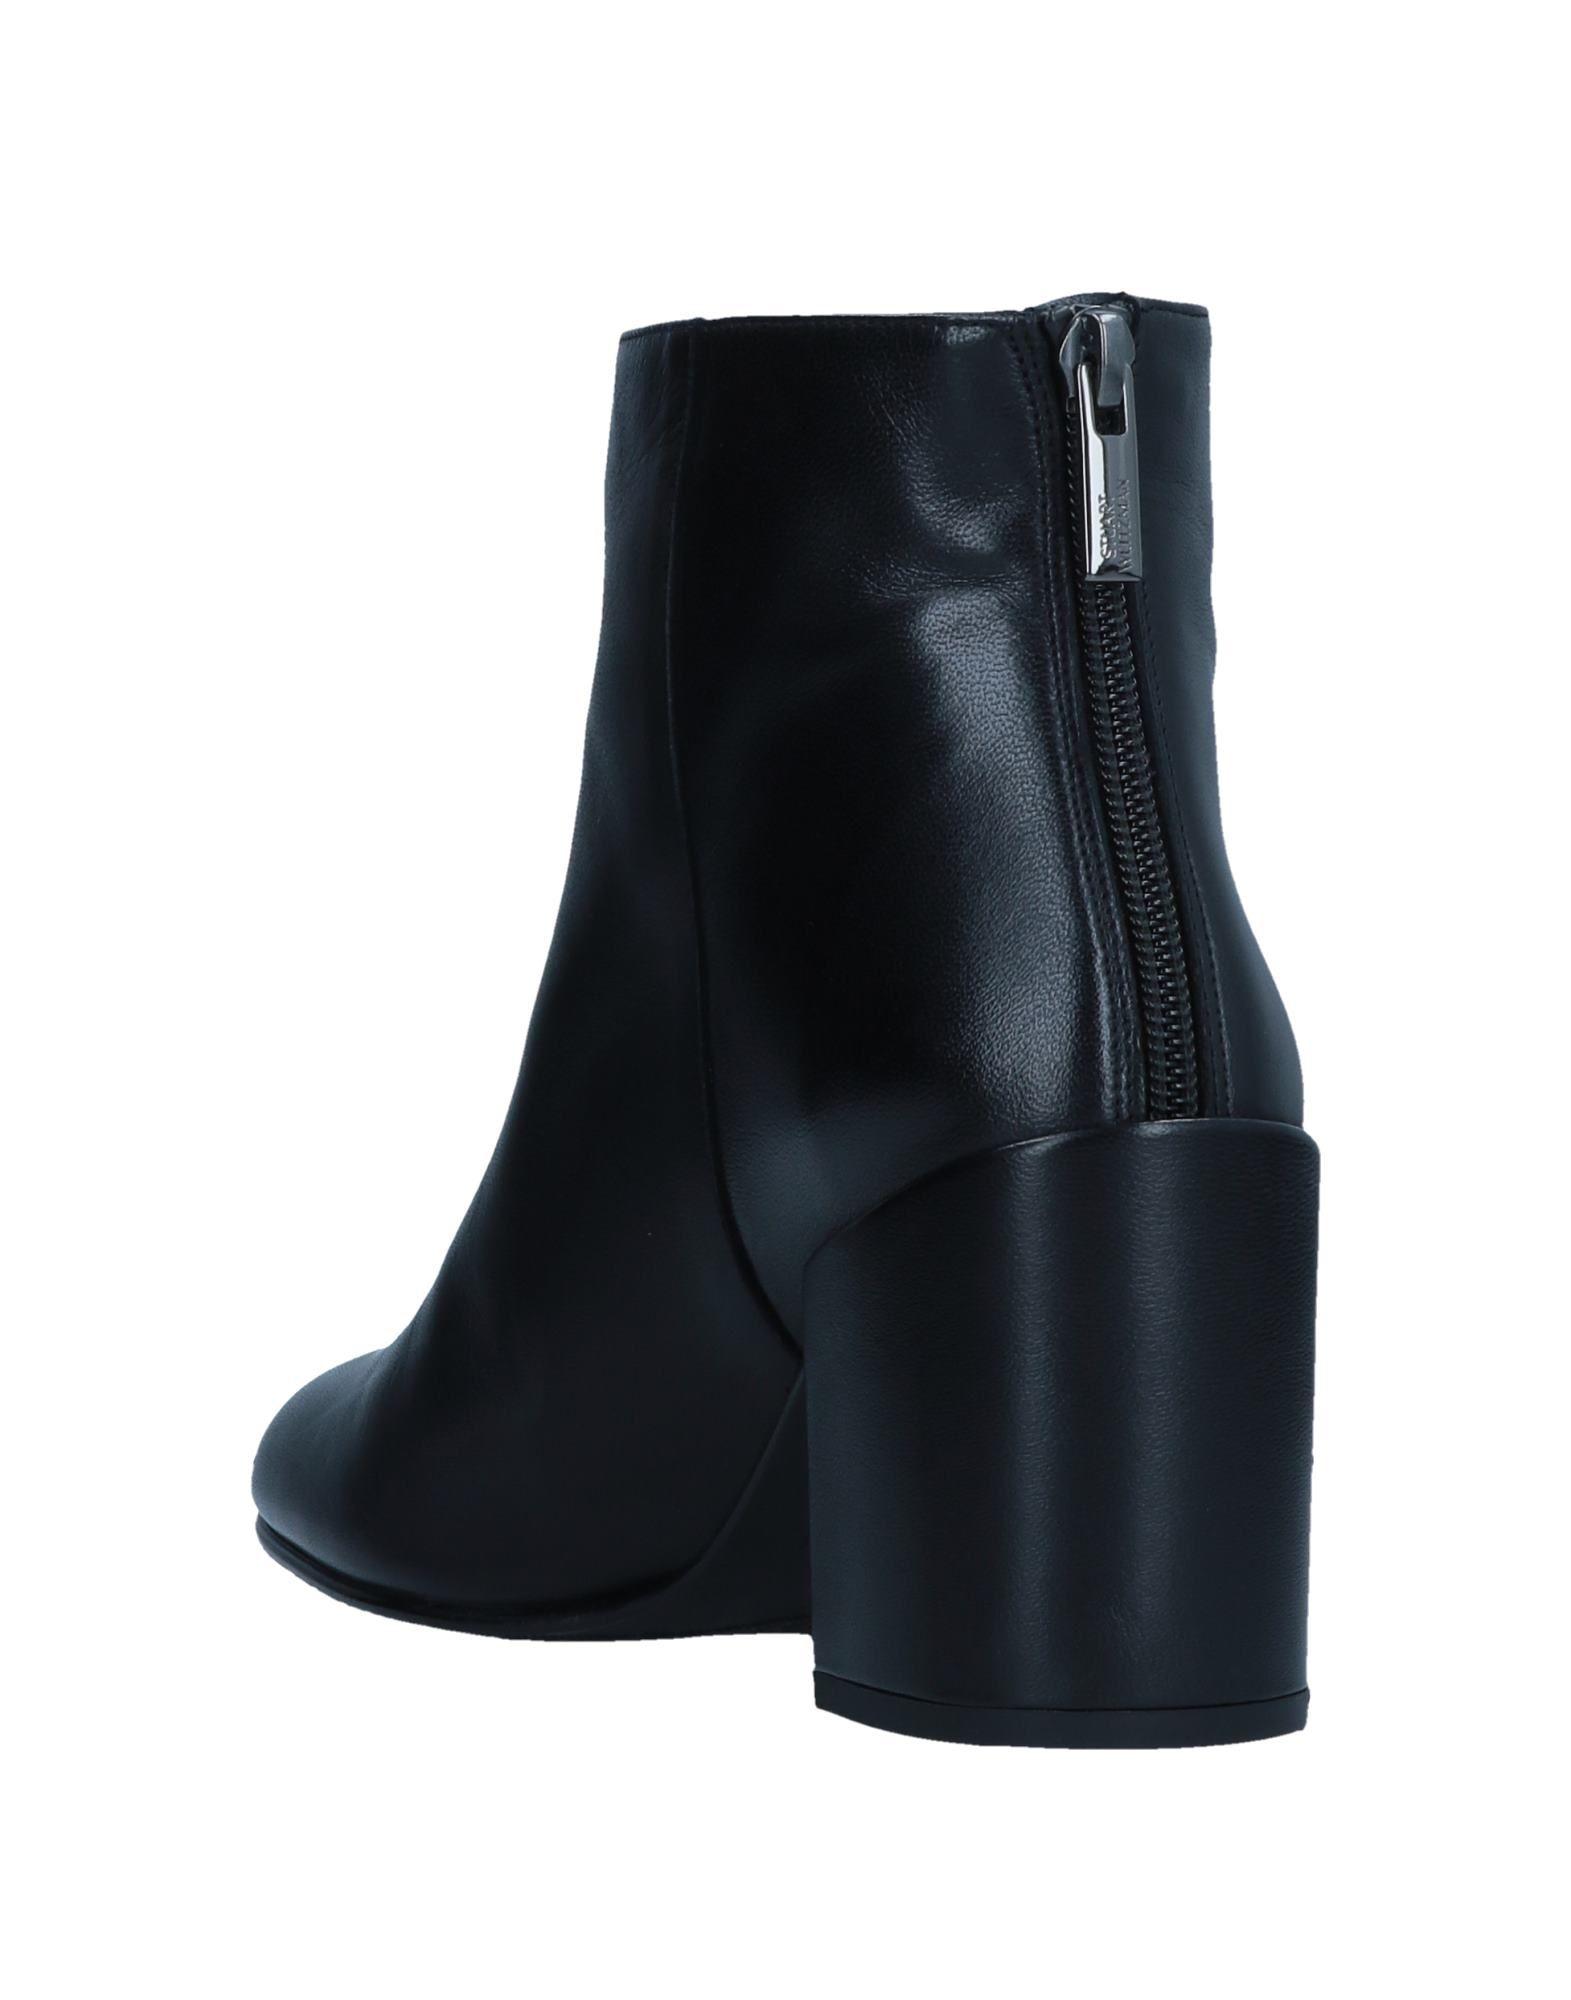 Stuart Weitzman Stiefelette Damen aussehende  11552710EDGünstige gut aussehende Damen Schuhe 6c0f90